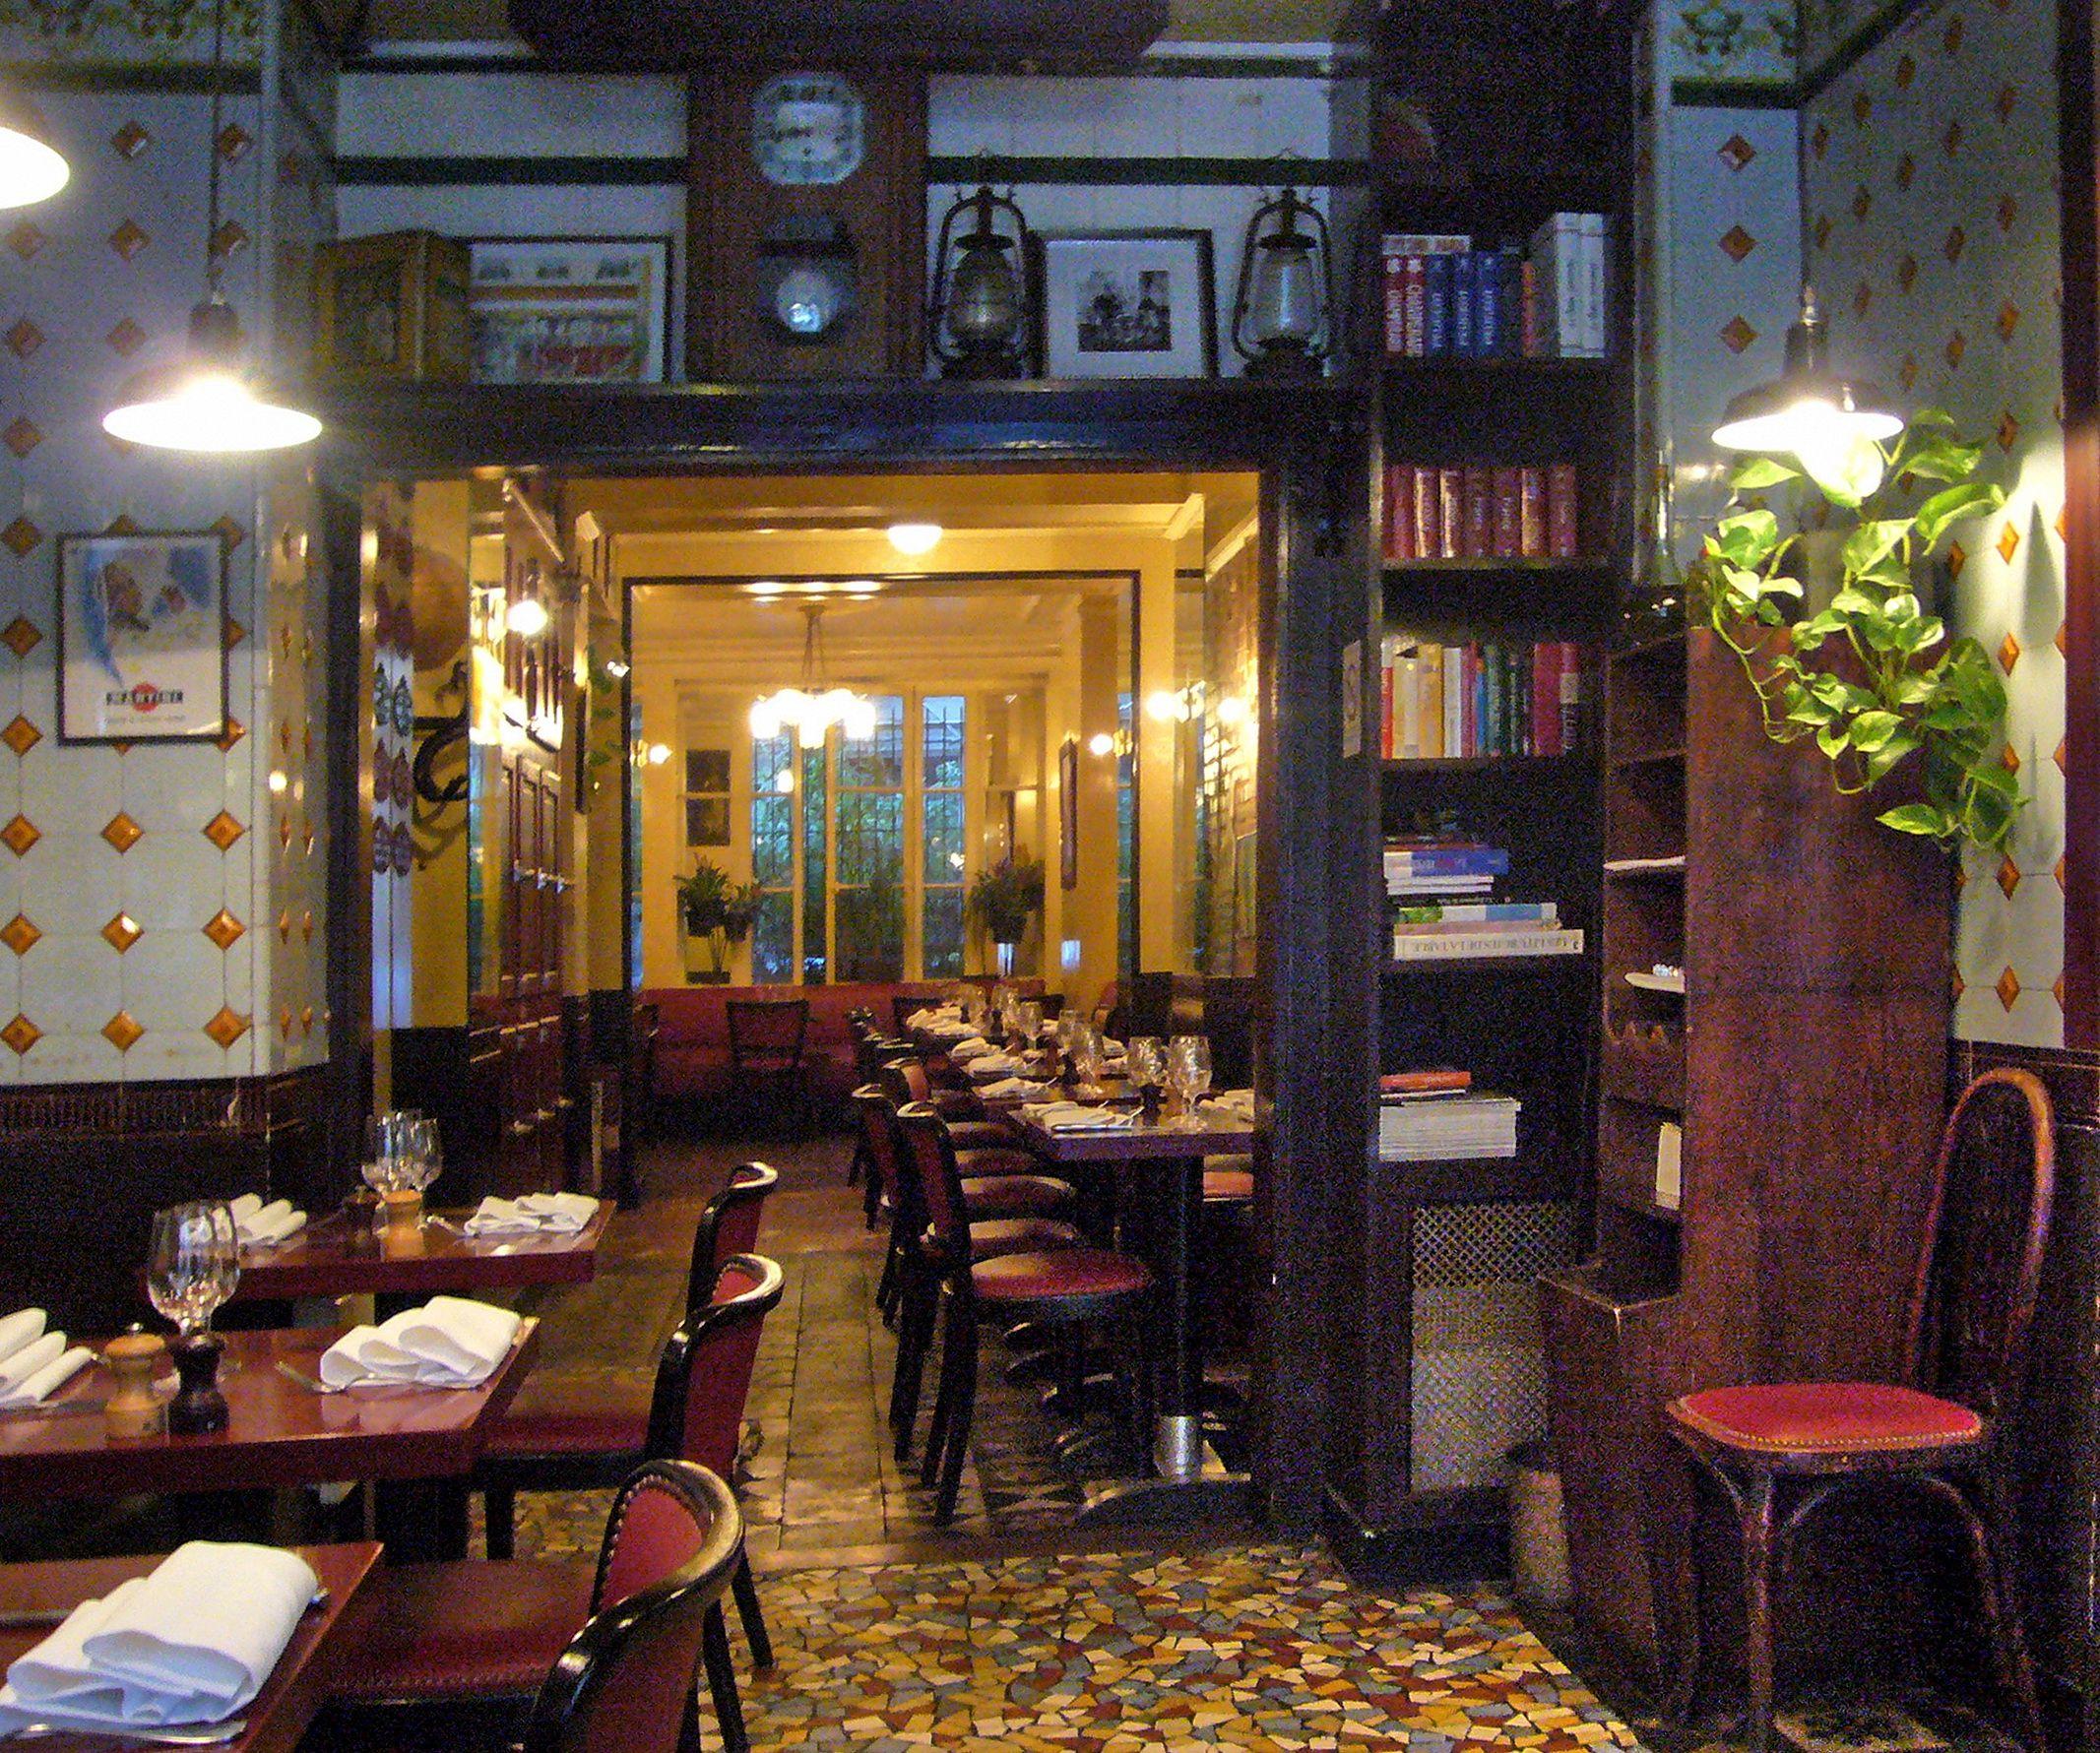 Rue Paul Bert in Paris Žle de France